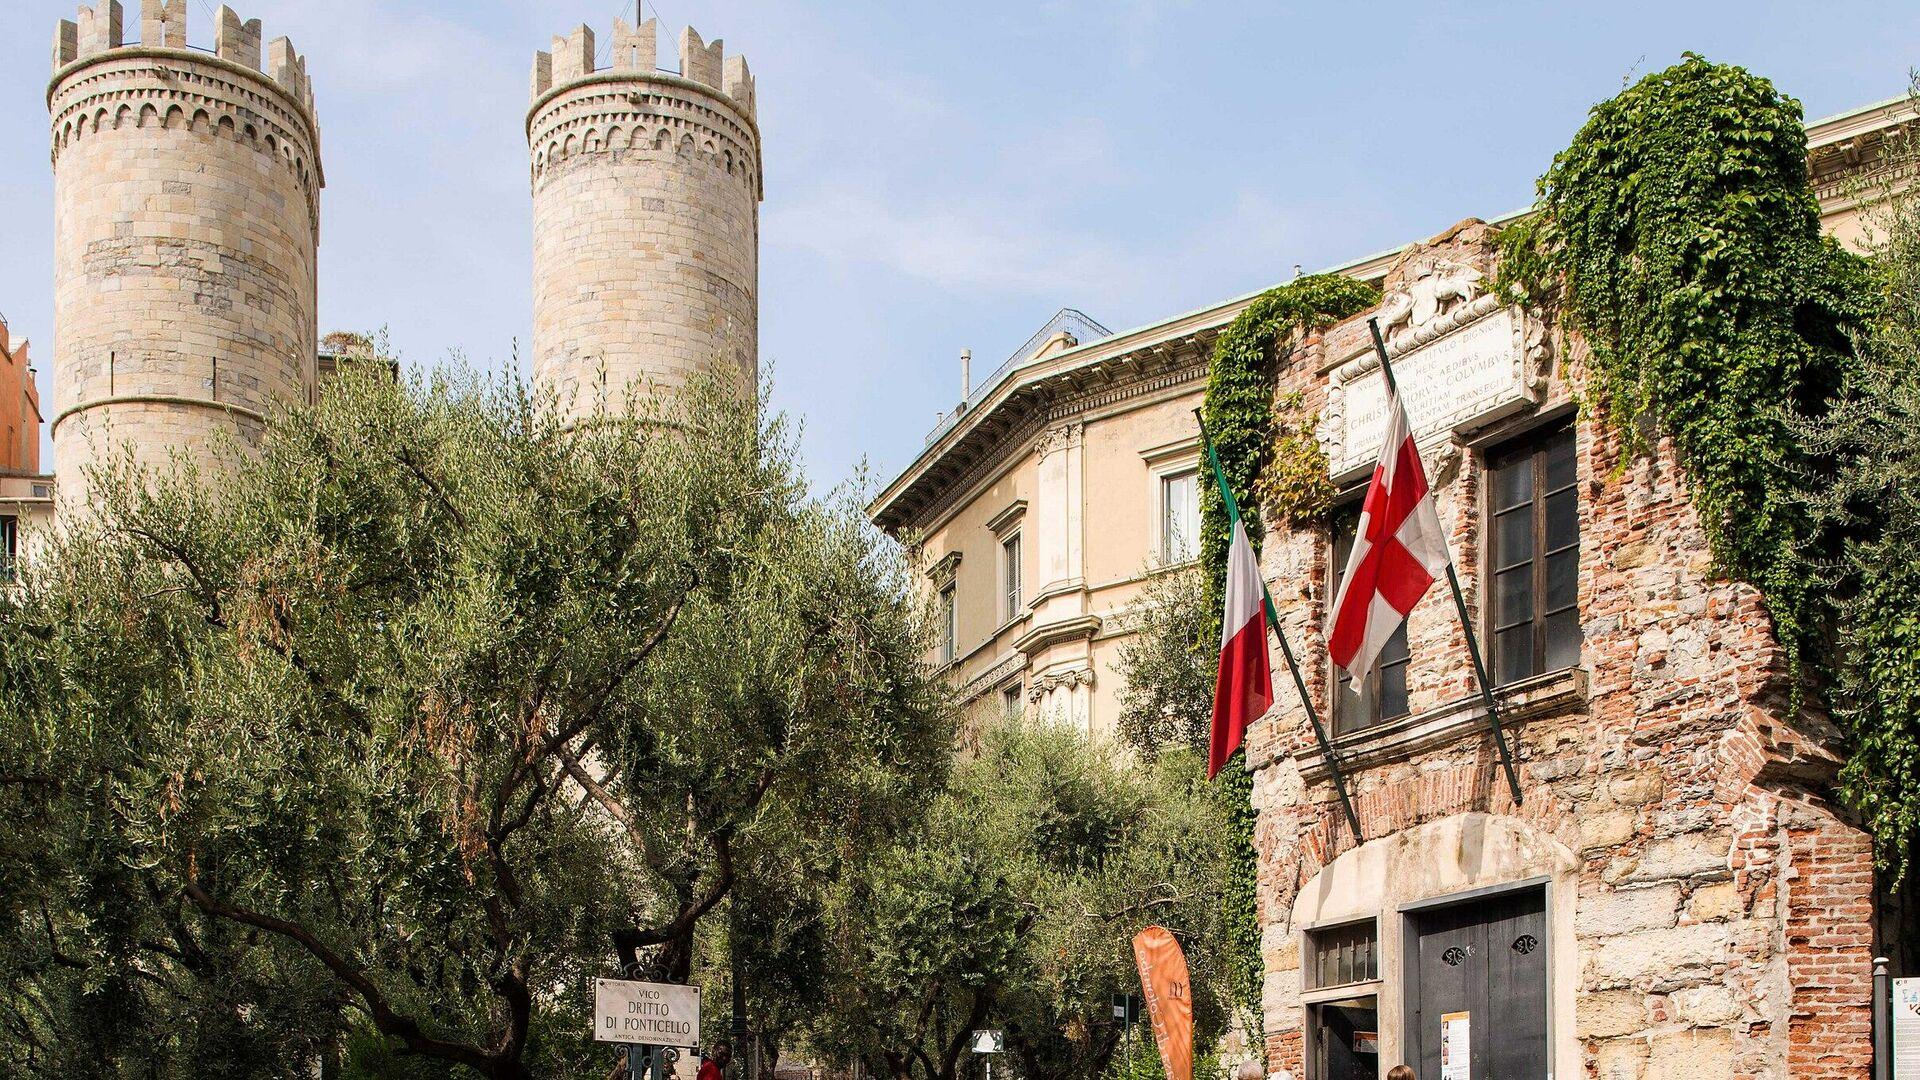 La casa di Cristoforo Colombo a Genova - Sputnik Italia, 1920, 19.05.2021